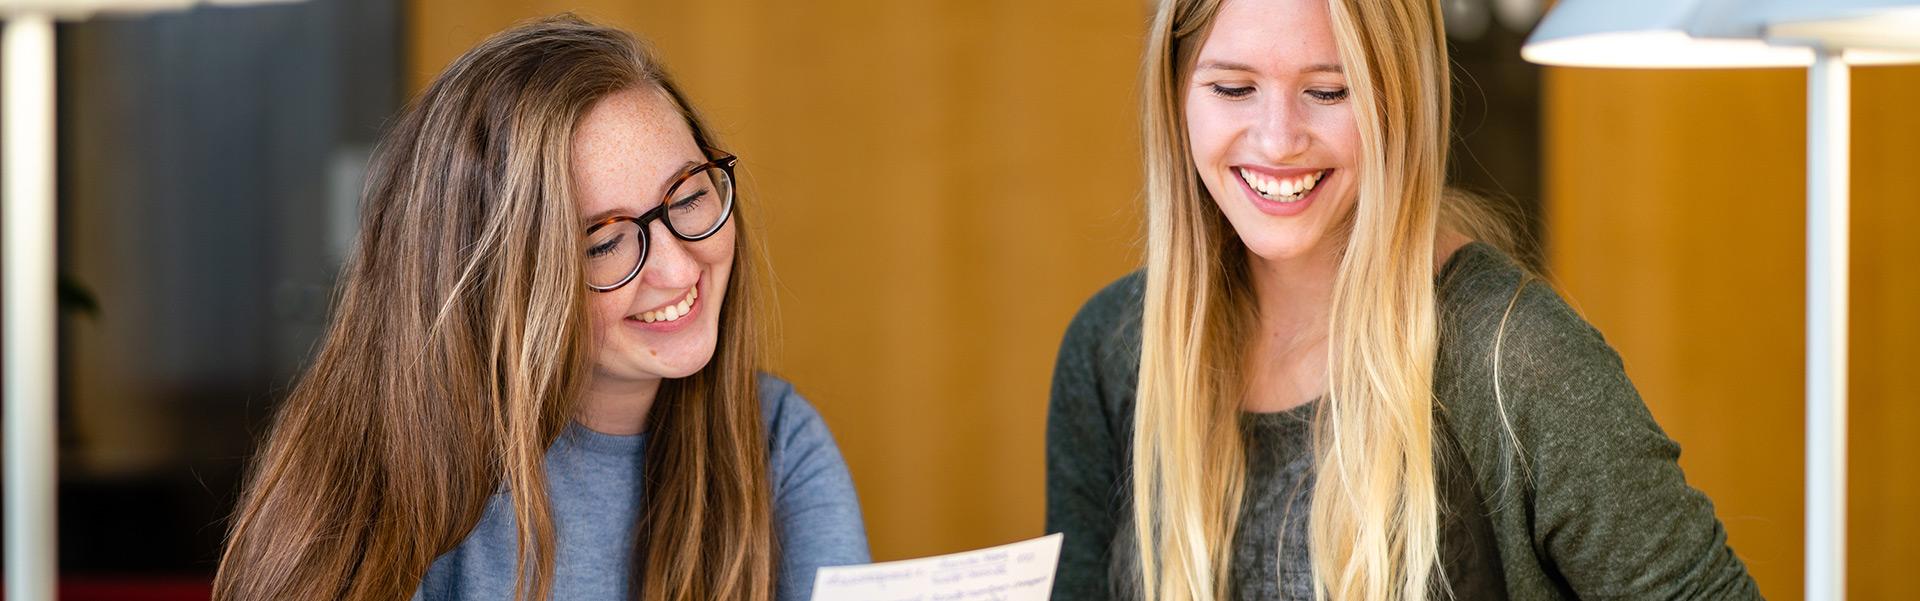 Bachelor-Studium Wirtschaft und Sprachen: Zwei lachende Studentinnen lesen etwas ab.